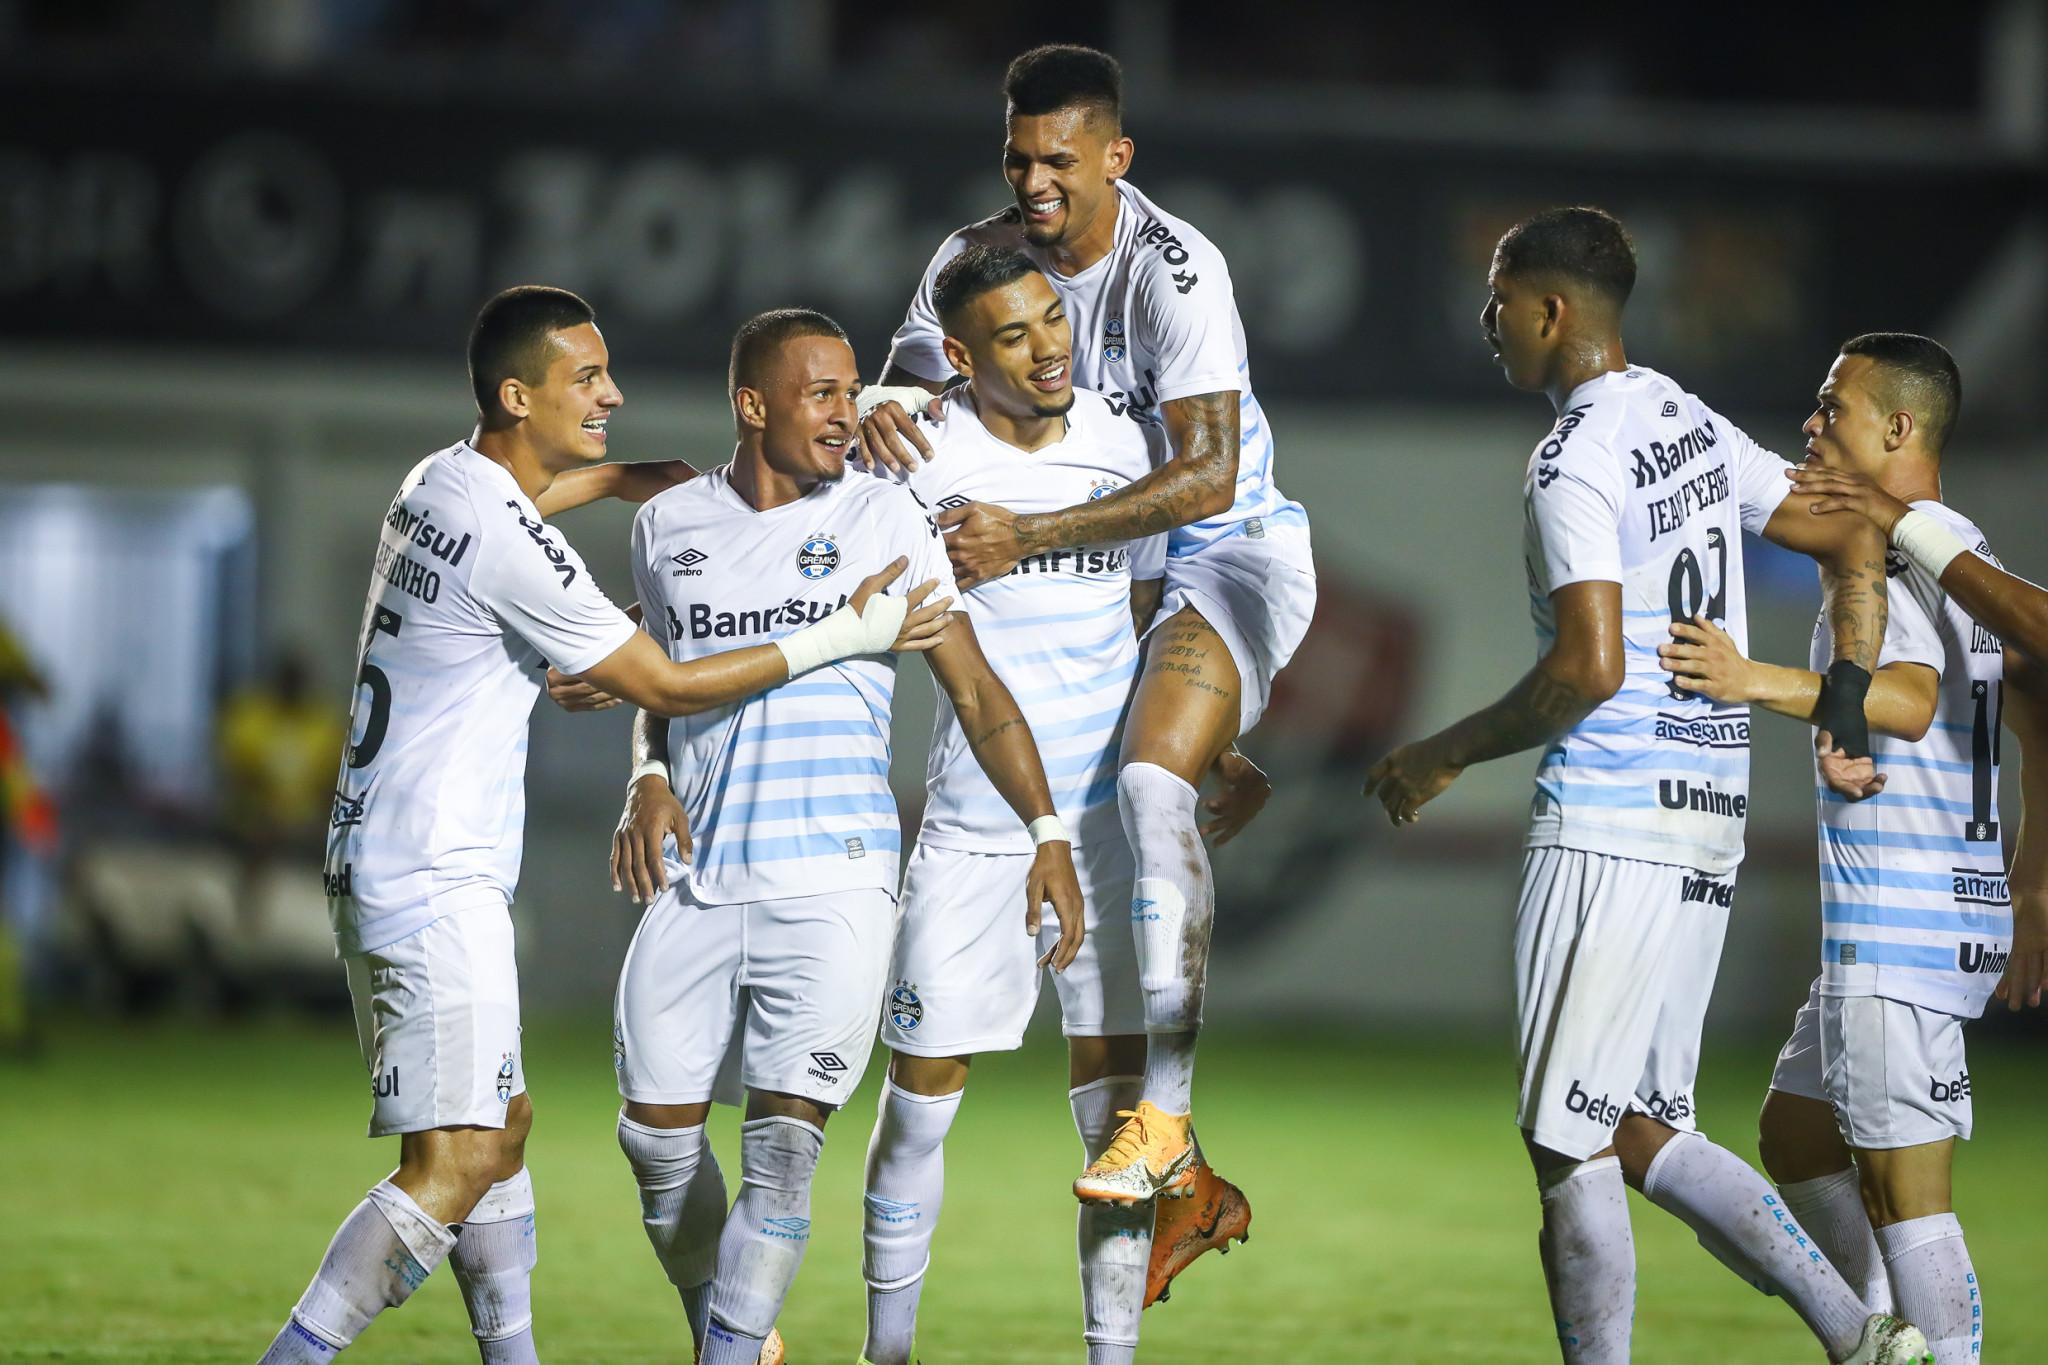 Grêmio vence o Vitória por 3 a 0 e retorna com vantagem para a decisão das oitavas de final da Copa do Brasil